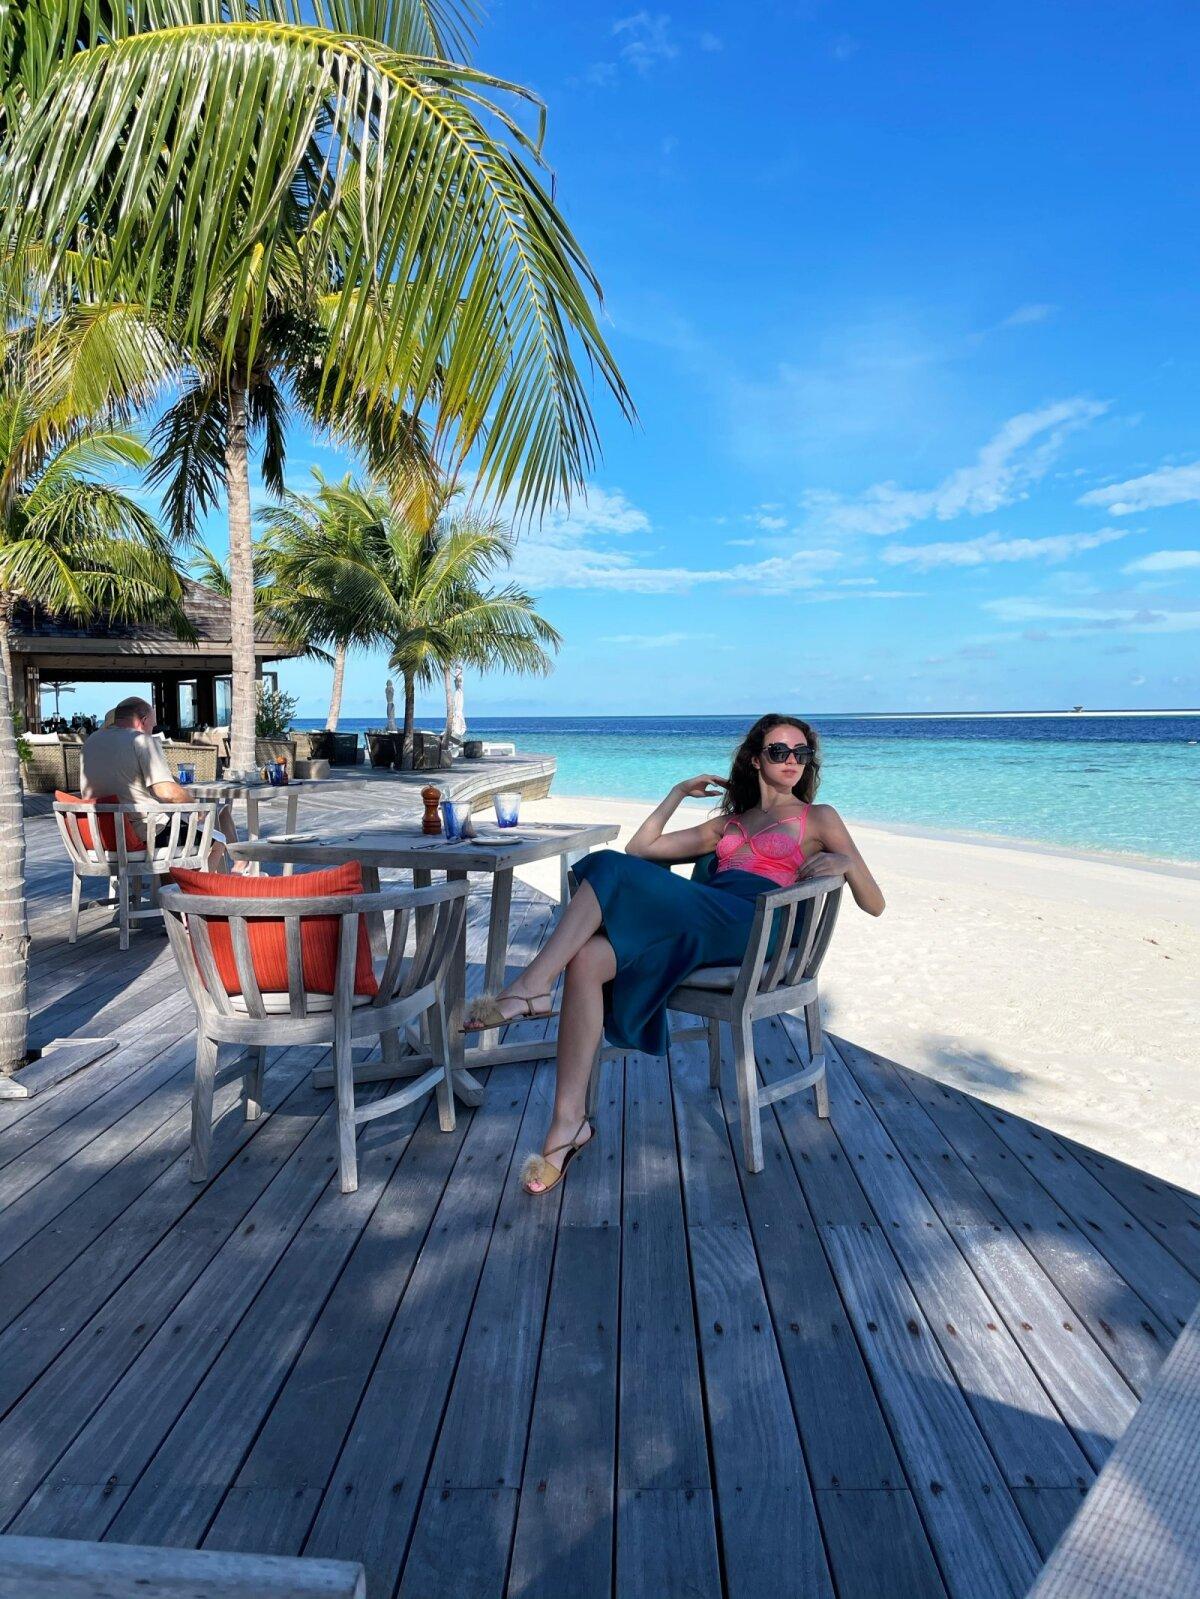 Анита Сибул чувствовала себя на Мальдивах в абсолютной безопасности